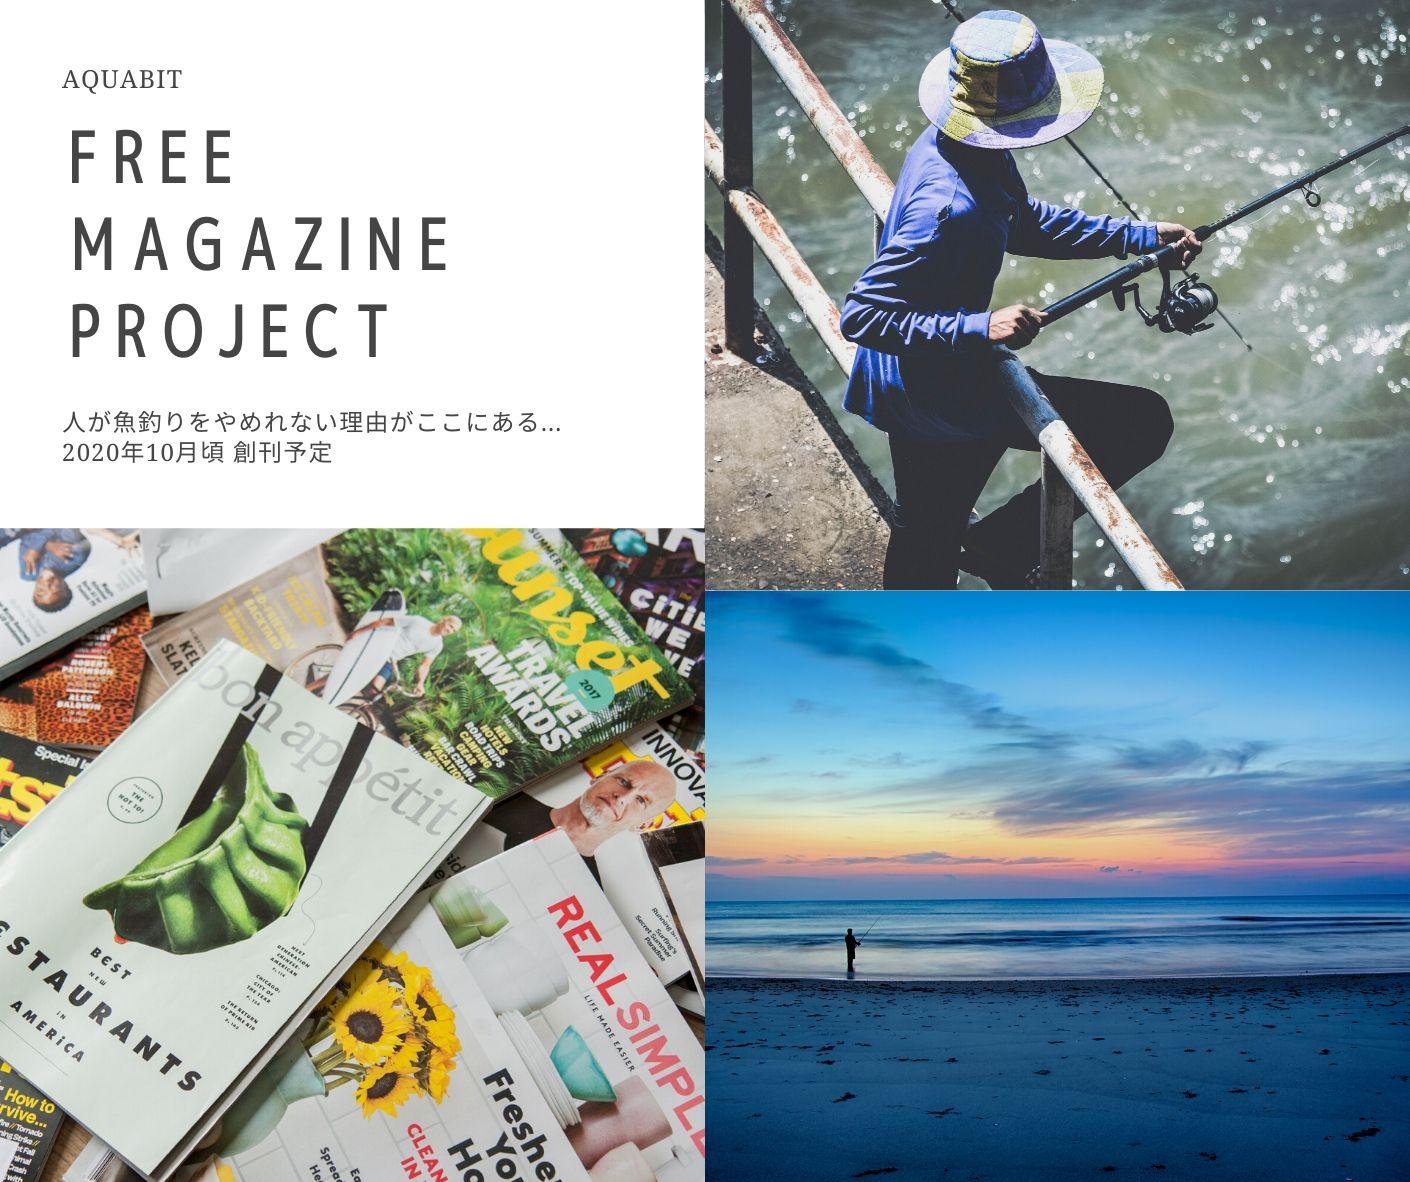 「人と魚釣り」をテーマにFREE MAGAZINEプロジェクトを立ち上げ!